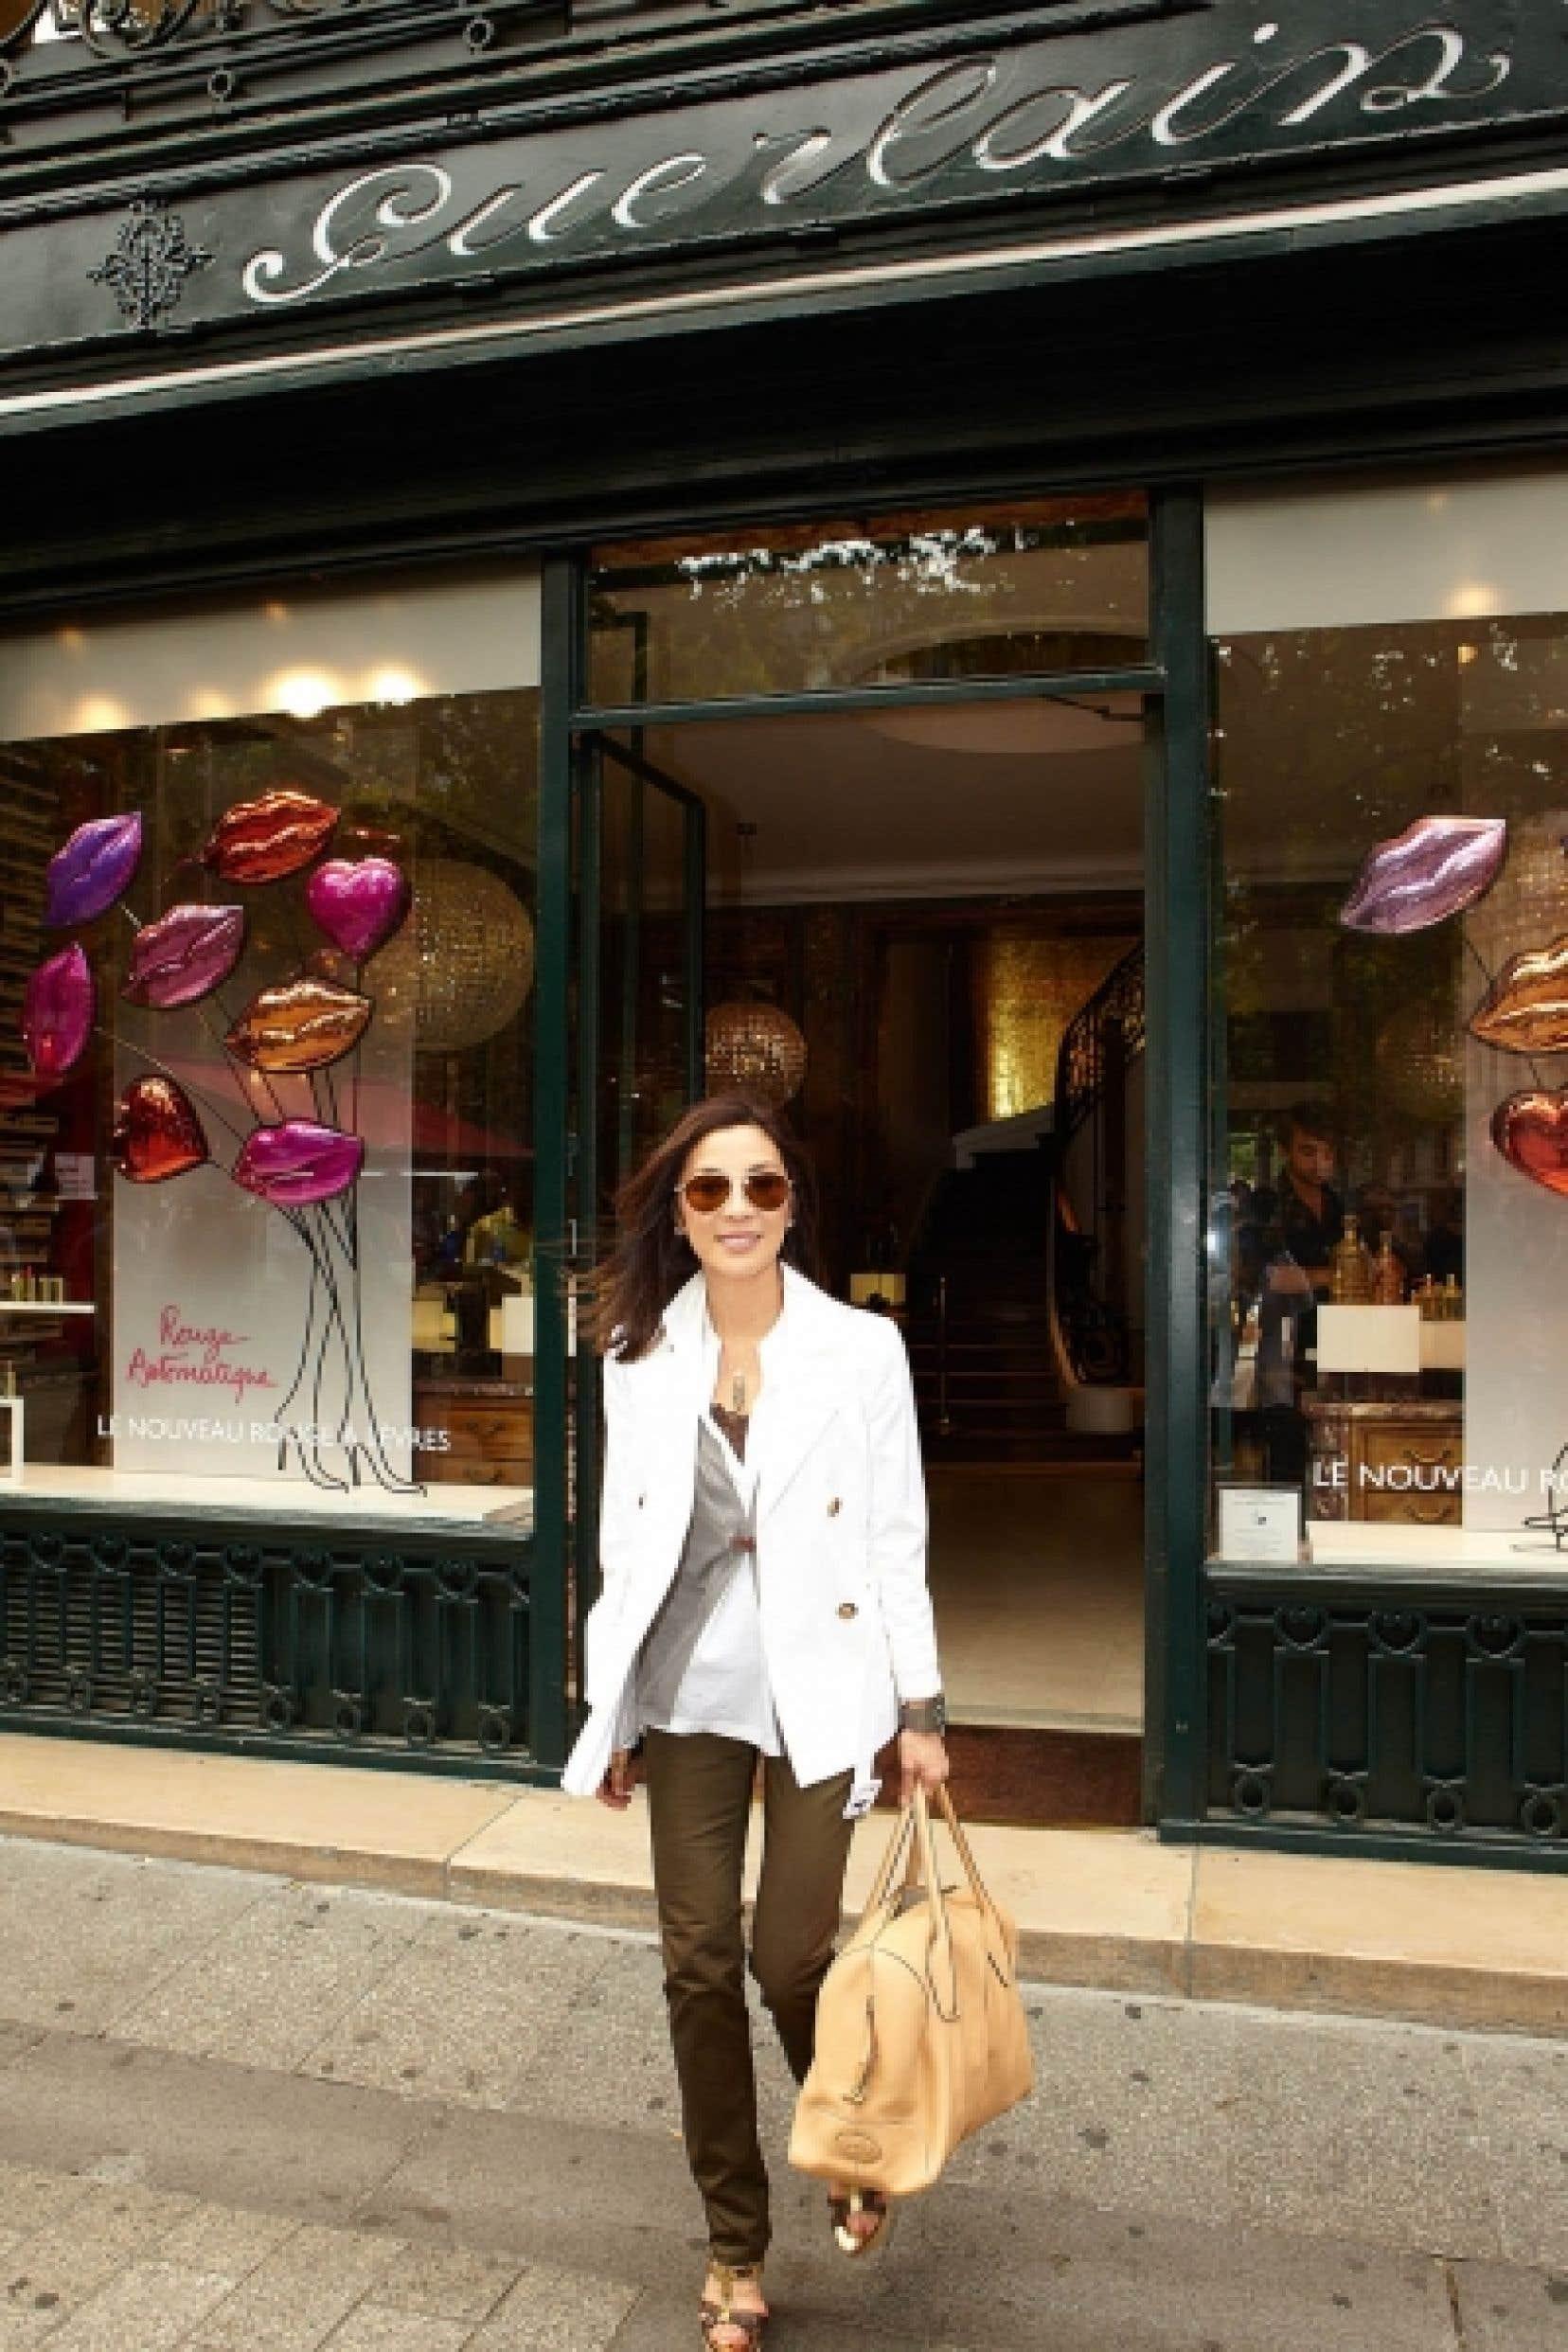 Michelle Yeoh, la nouvelle &eacute;g&eacute;rie de Guerlain, est consid&eacute;r&eacute;e comme la reine du cin&eacute;ma d&rsquo;action asiatique. Elle pose ici devant la c&eacute;l&egrave;bre maison, au 68, avenue des Champs-&Eacute;lys&eacute;es &agrave; Paris.<br />